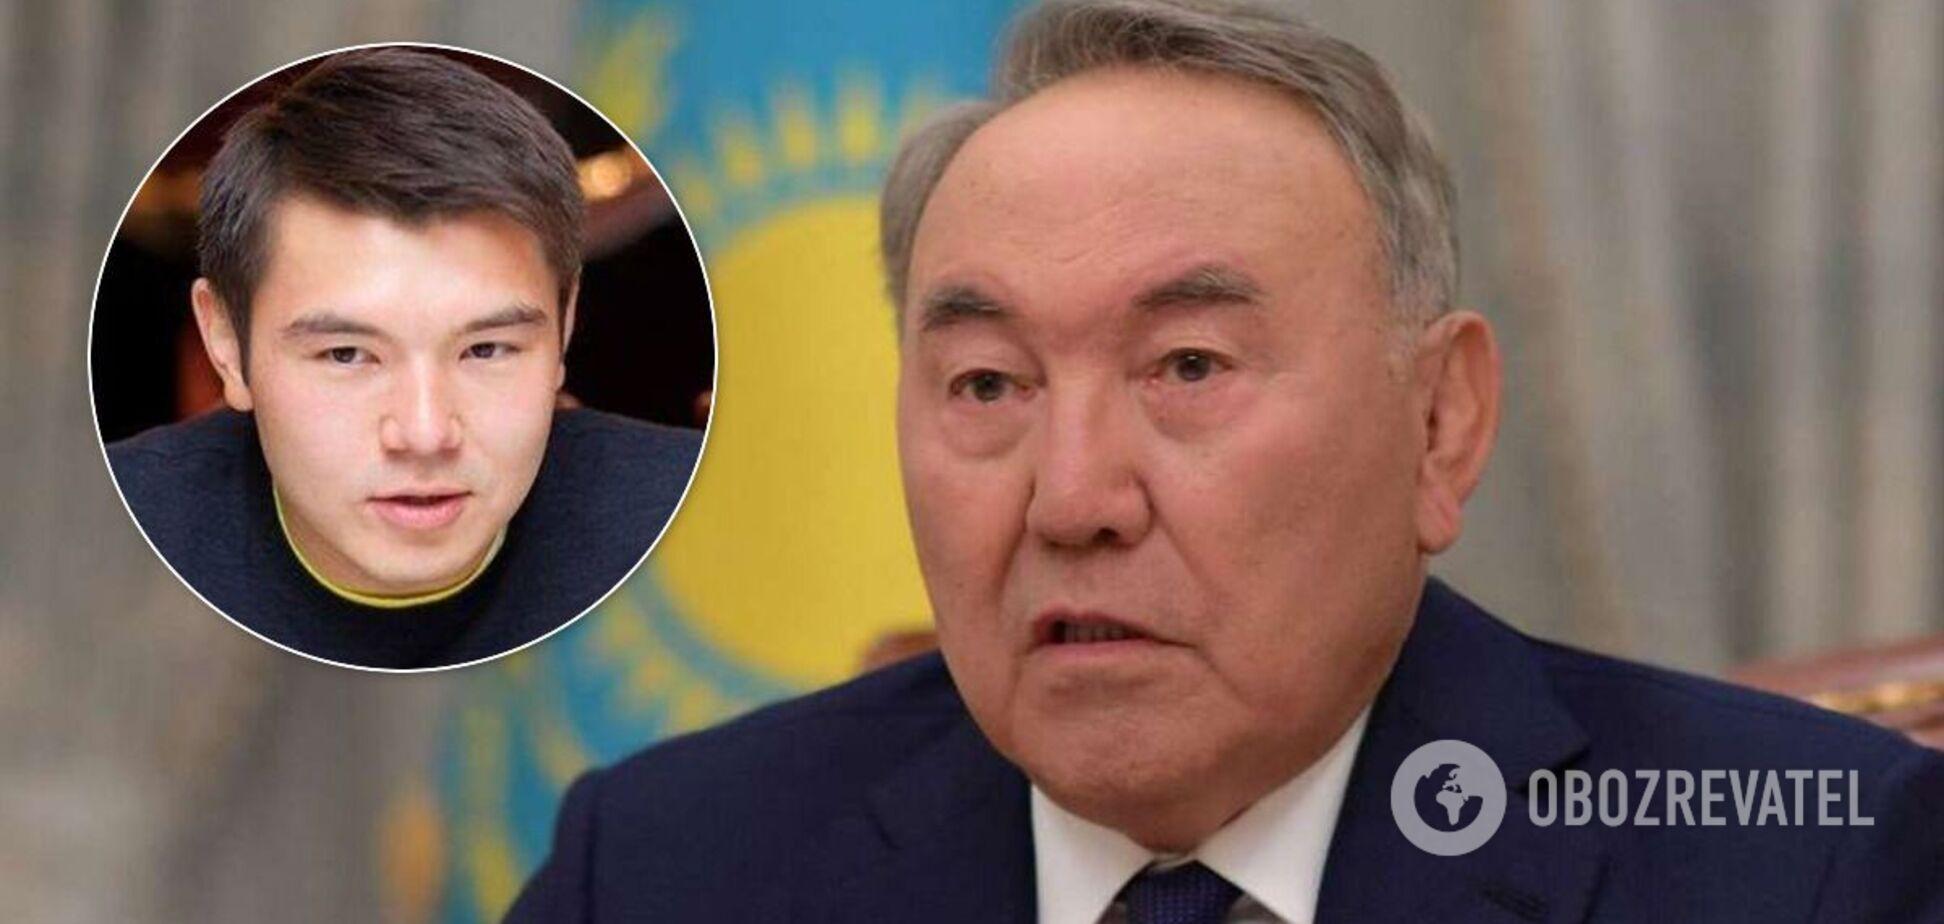 Внуку Назарбаева было 29 лет